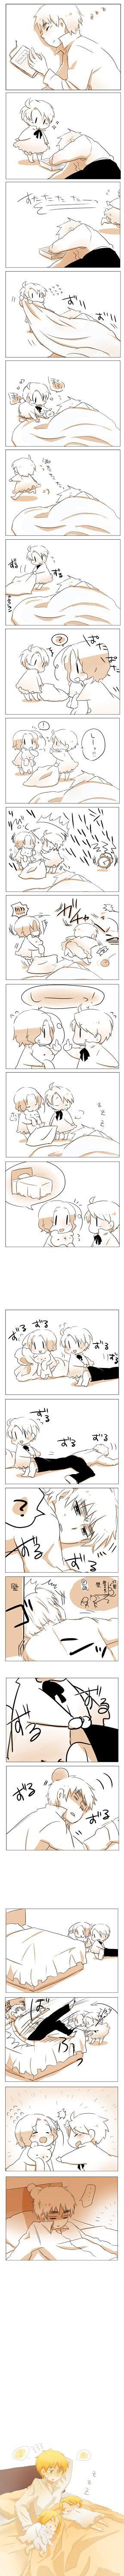 Arthur's Nap by とこ -- this has to be one of the cutest hetalia fancomics i've ever seen!! X3